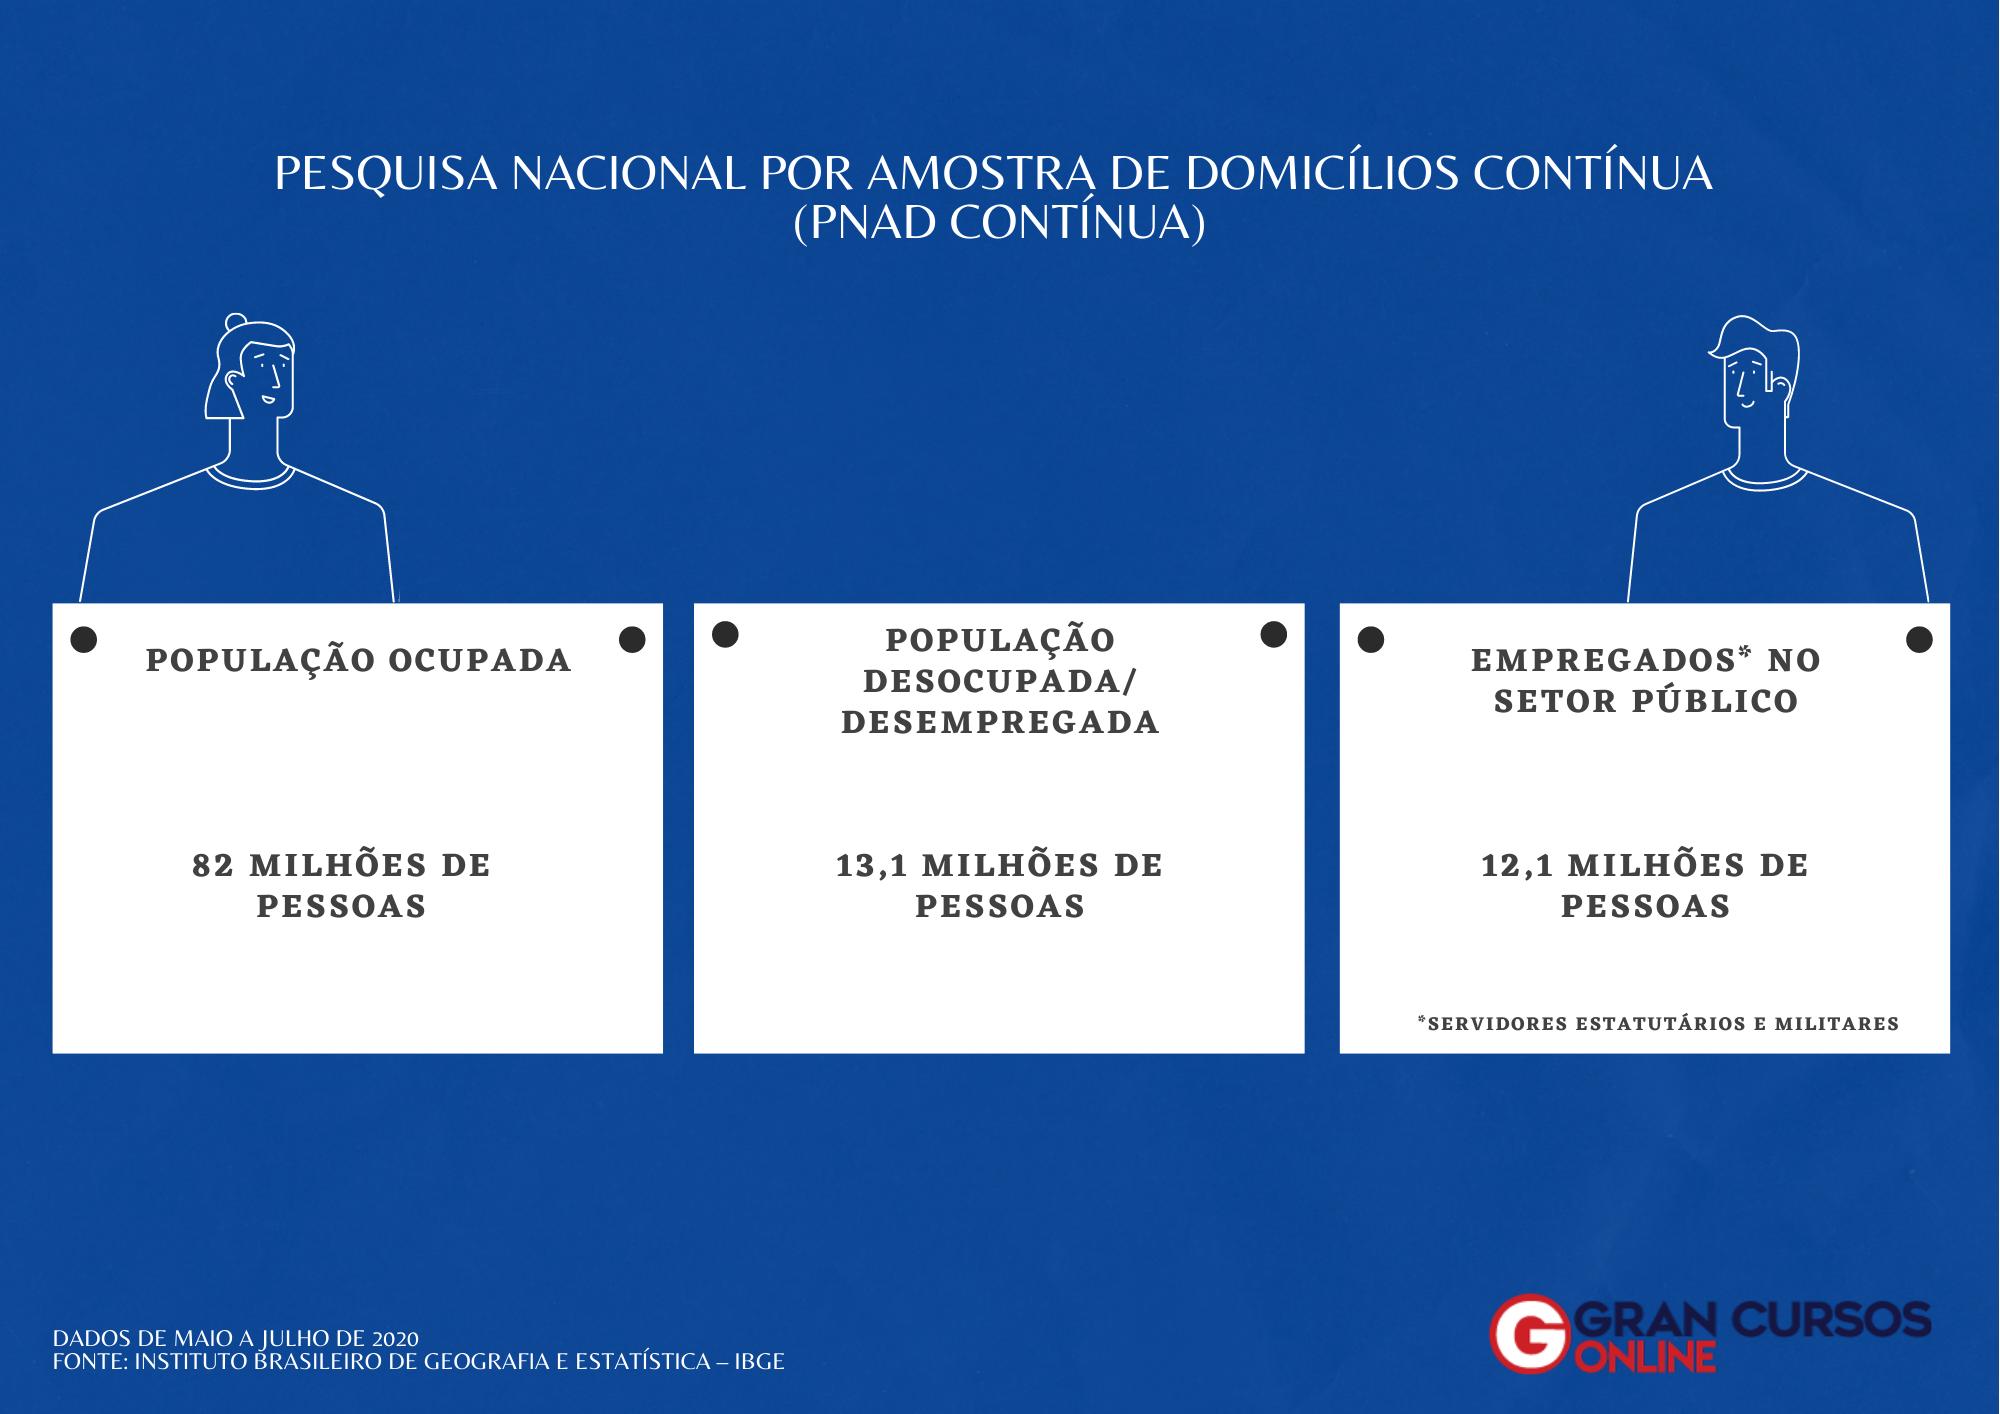 PNAD continua - dados do IBGE